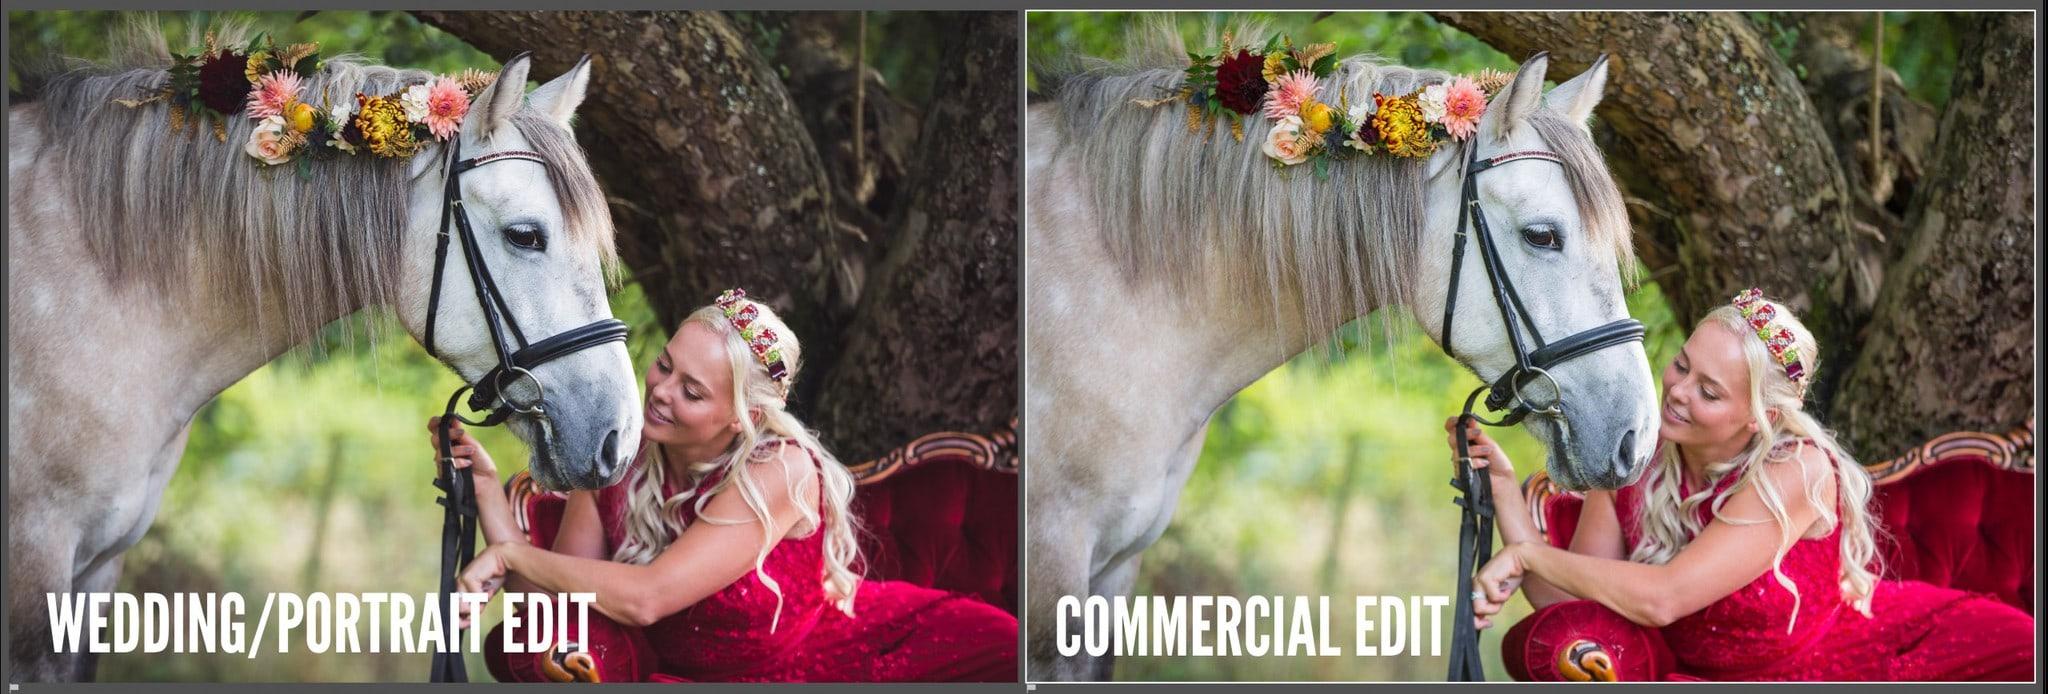 portrait versus commercial editing colour differences